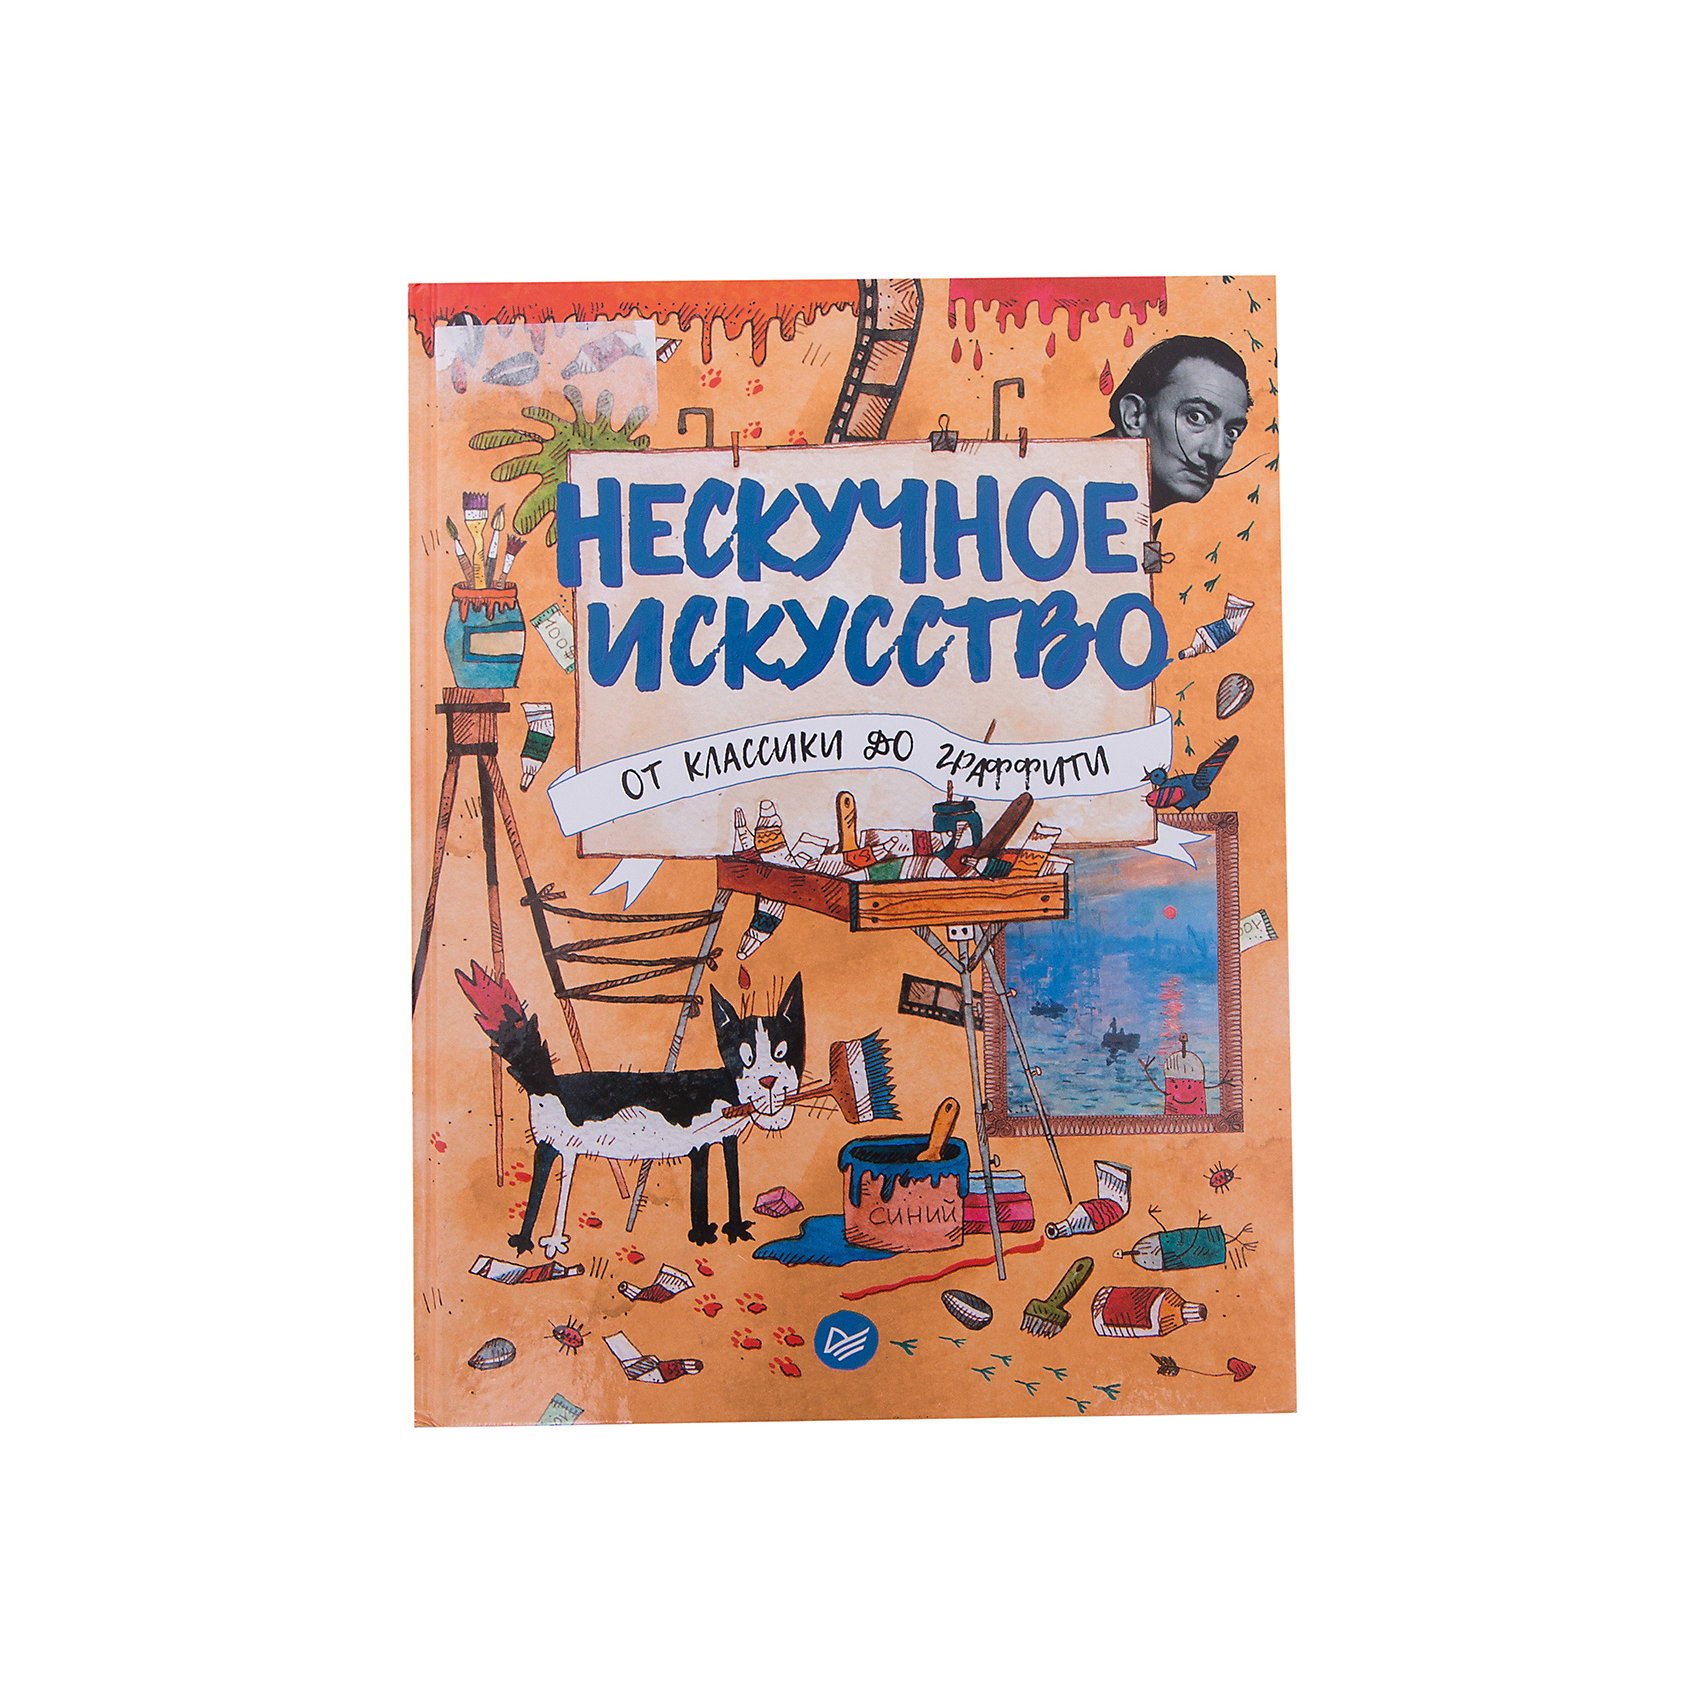 Книга Нескучное искусство. От классики до граффитиХарактеристики книги Нескучное искусство. От классики до граффити  <br><br>• автор: Т. Фишер<br>• формат издания: 20.5х26 см (большой формат)<br>• количество страниц: 64<br>• год выпуска: 2017<br>• издательство: Питер<br>• серия: Вы и Ваш ребенок<br>• иллюстратор: В. Рогожникова<br>• переплет: твердый переплет<br>• цветные иллюстрации : да<br>• язык издания: русский<br>• возраст: от 6 лет <br>• тип издания: отдельное издание<br>• вес в упаковке: 340 г<br><br>Искусство скучно, когда его не понимаешь. Но стоит начать задавать вопросы, и оказывается, что перед тобой целый мир, полный загадок, таинственных знаний и даже настоящих приключений! Эта книга расскажет тебе захватывающую историю о великих художниках и других людях искусства, их идеях, творениях и об их жизни, полной страстей, стремлений и достижений. Может быть, ты тоже откроешь в себе создателя будущих гениальных творений, ведь нет ничего более вдохновляющего, чем искусство. <br><br>Книгу Нескучное искусство. От классики до граффити издательства Питер  можно купить в нашем интернет-магазине.<br><br>Ширина мм: 260<br>Глубина мм: 201<br>Высота мм: 80<br>Вес г: 336<br>Возраст от месяцев: 72<br>Возраст до месяцев: 2147483647<br>Пол: Унисекс<br>Возраст: Детский<br>SKU: 5480514